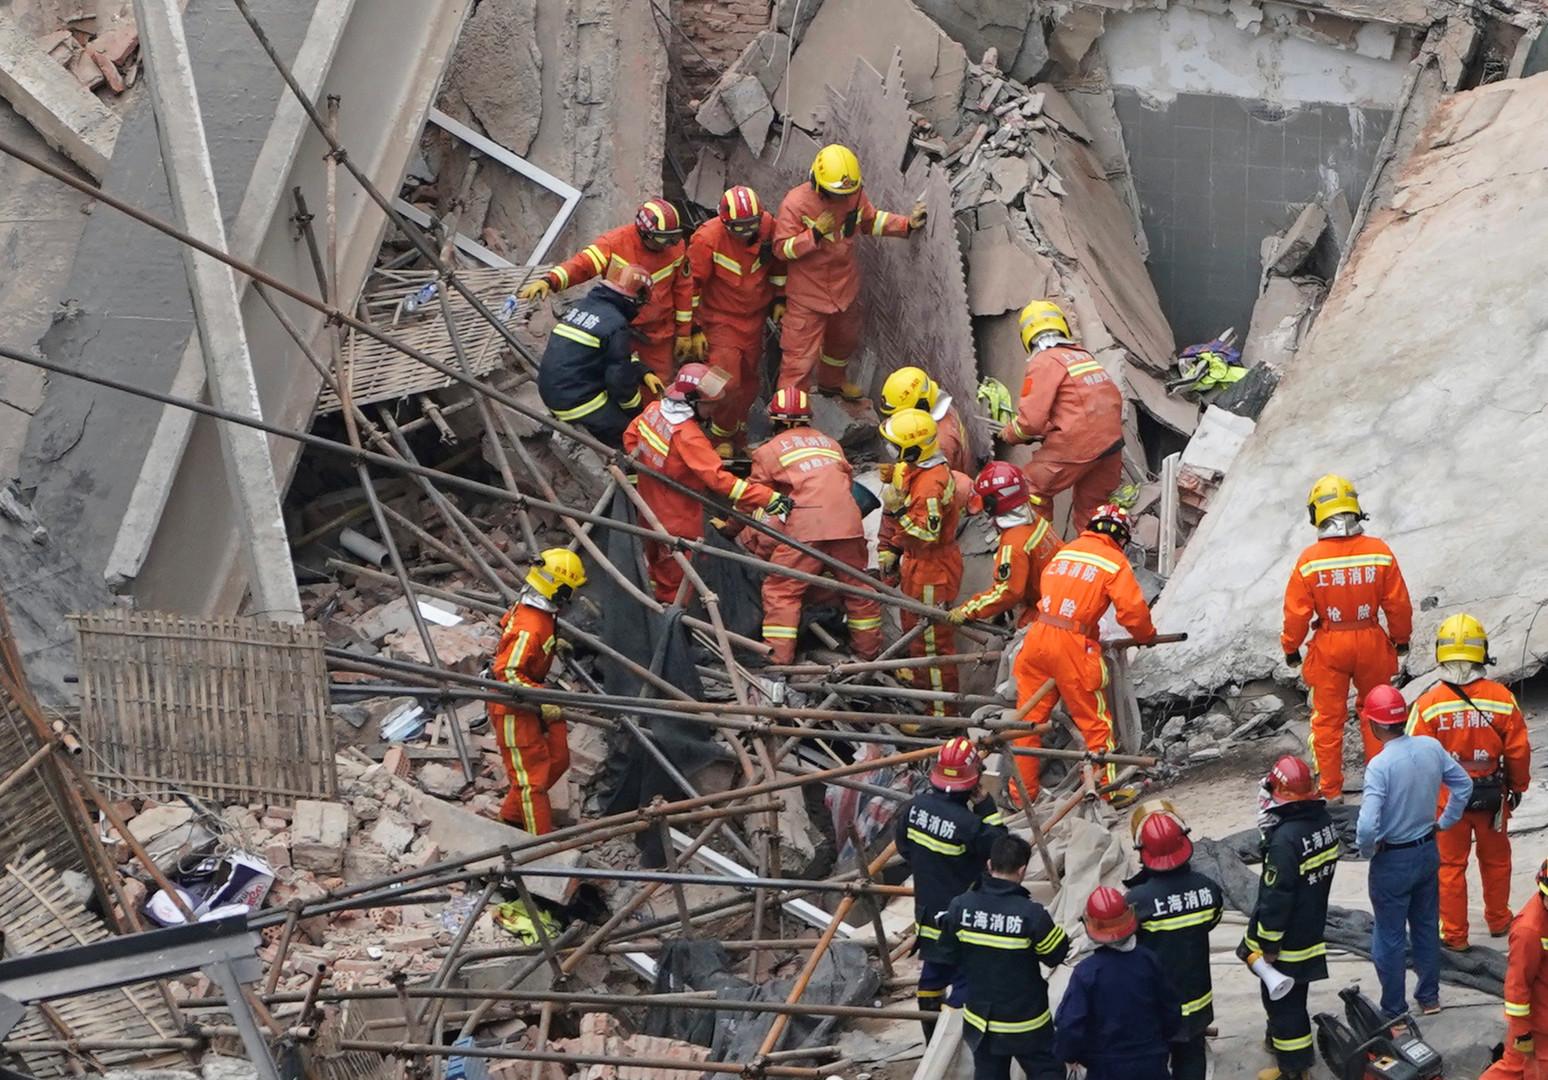 بالصور.. 9 أشخاص عالقون تحت الأنقاض جراء انهيار مبنى في شنغهاي